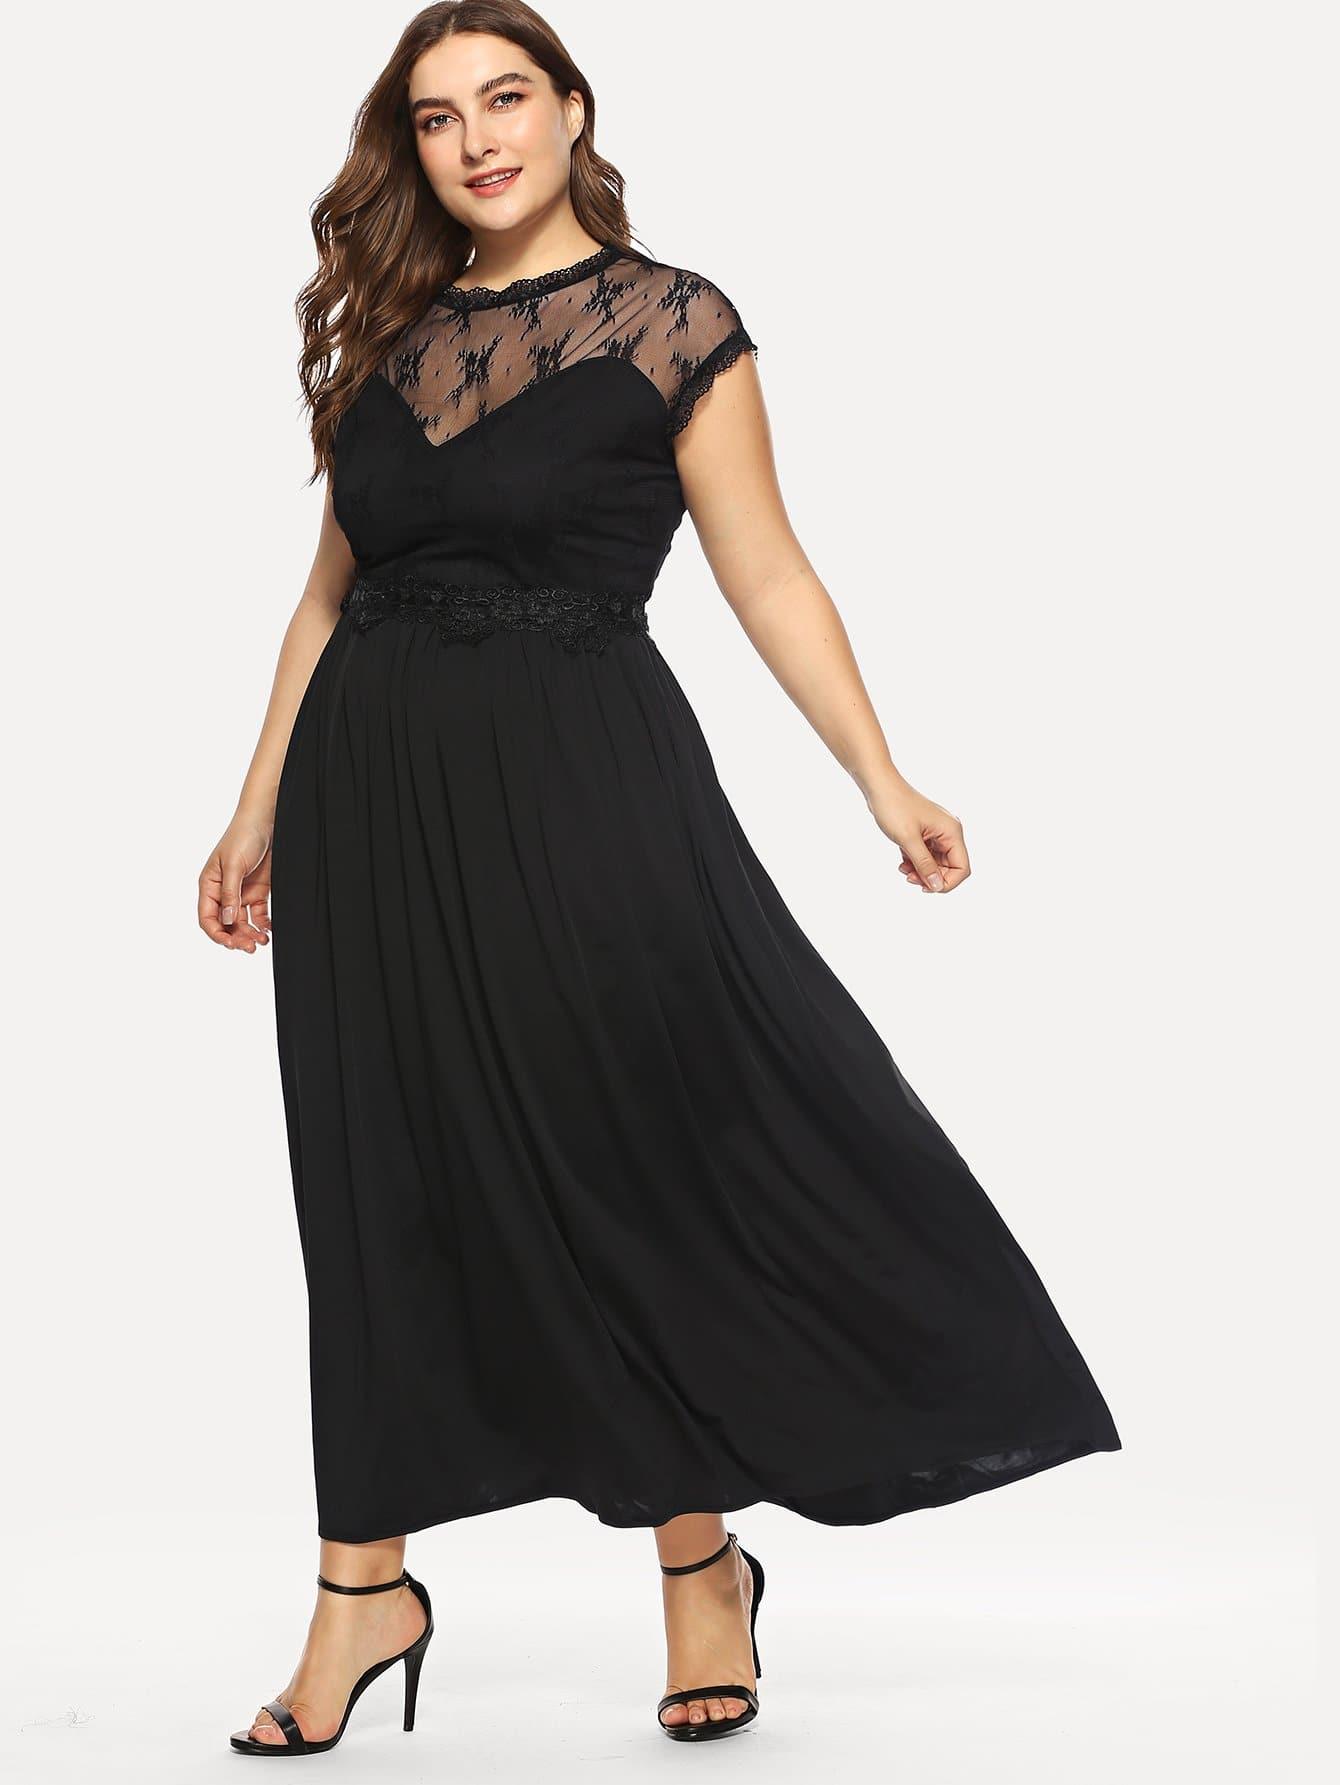 Купить Модное платье с открытой спиной, Franziska, SheIn